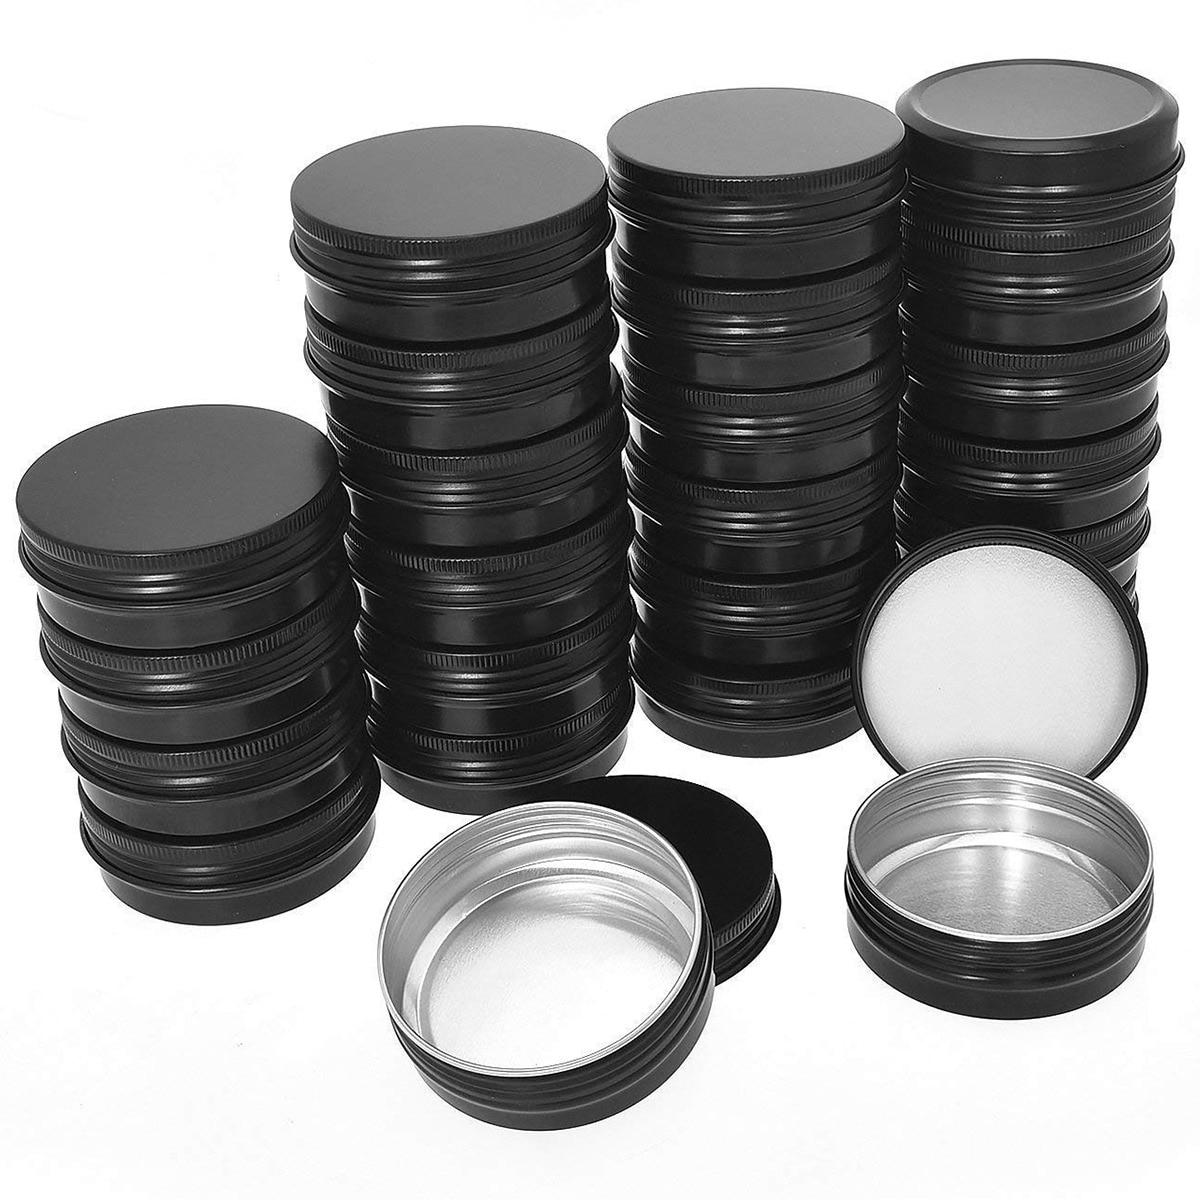 CHFL алюминиевые жестяные банки-40 упаковок 1 унций/30 г круглый металлический жестяный контейнер винтовые верхние банки контейнеры для космет...